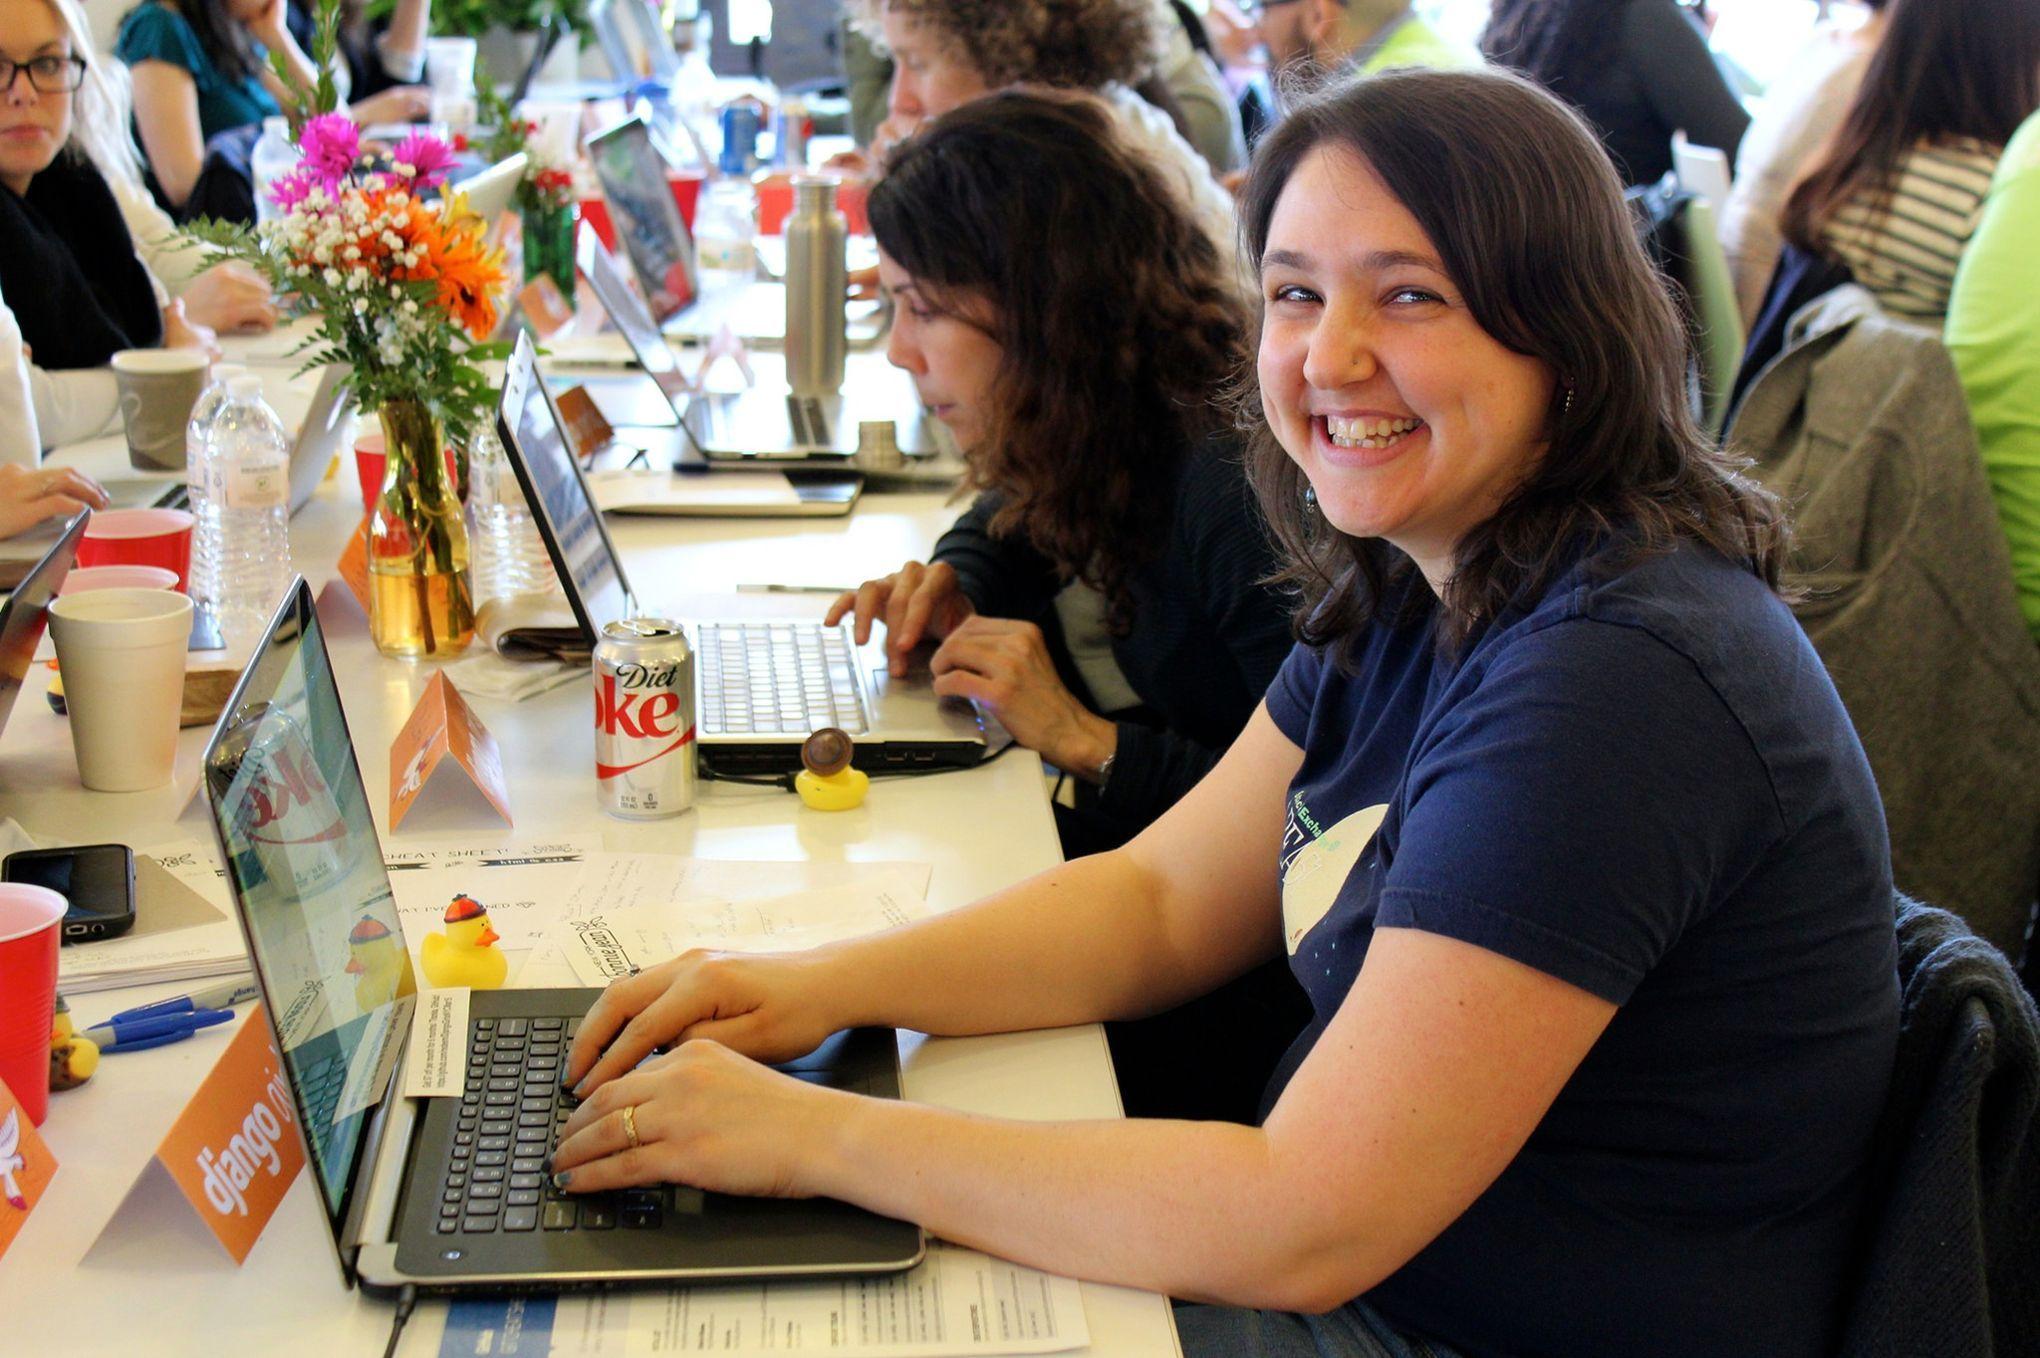 Des clubs de code entre filles, pour vaincre les préjugés dans l'informatique #fle #fslchat #APFrench